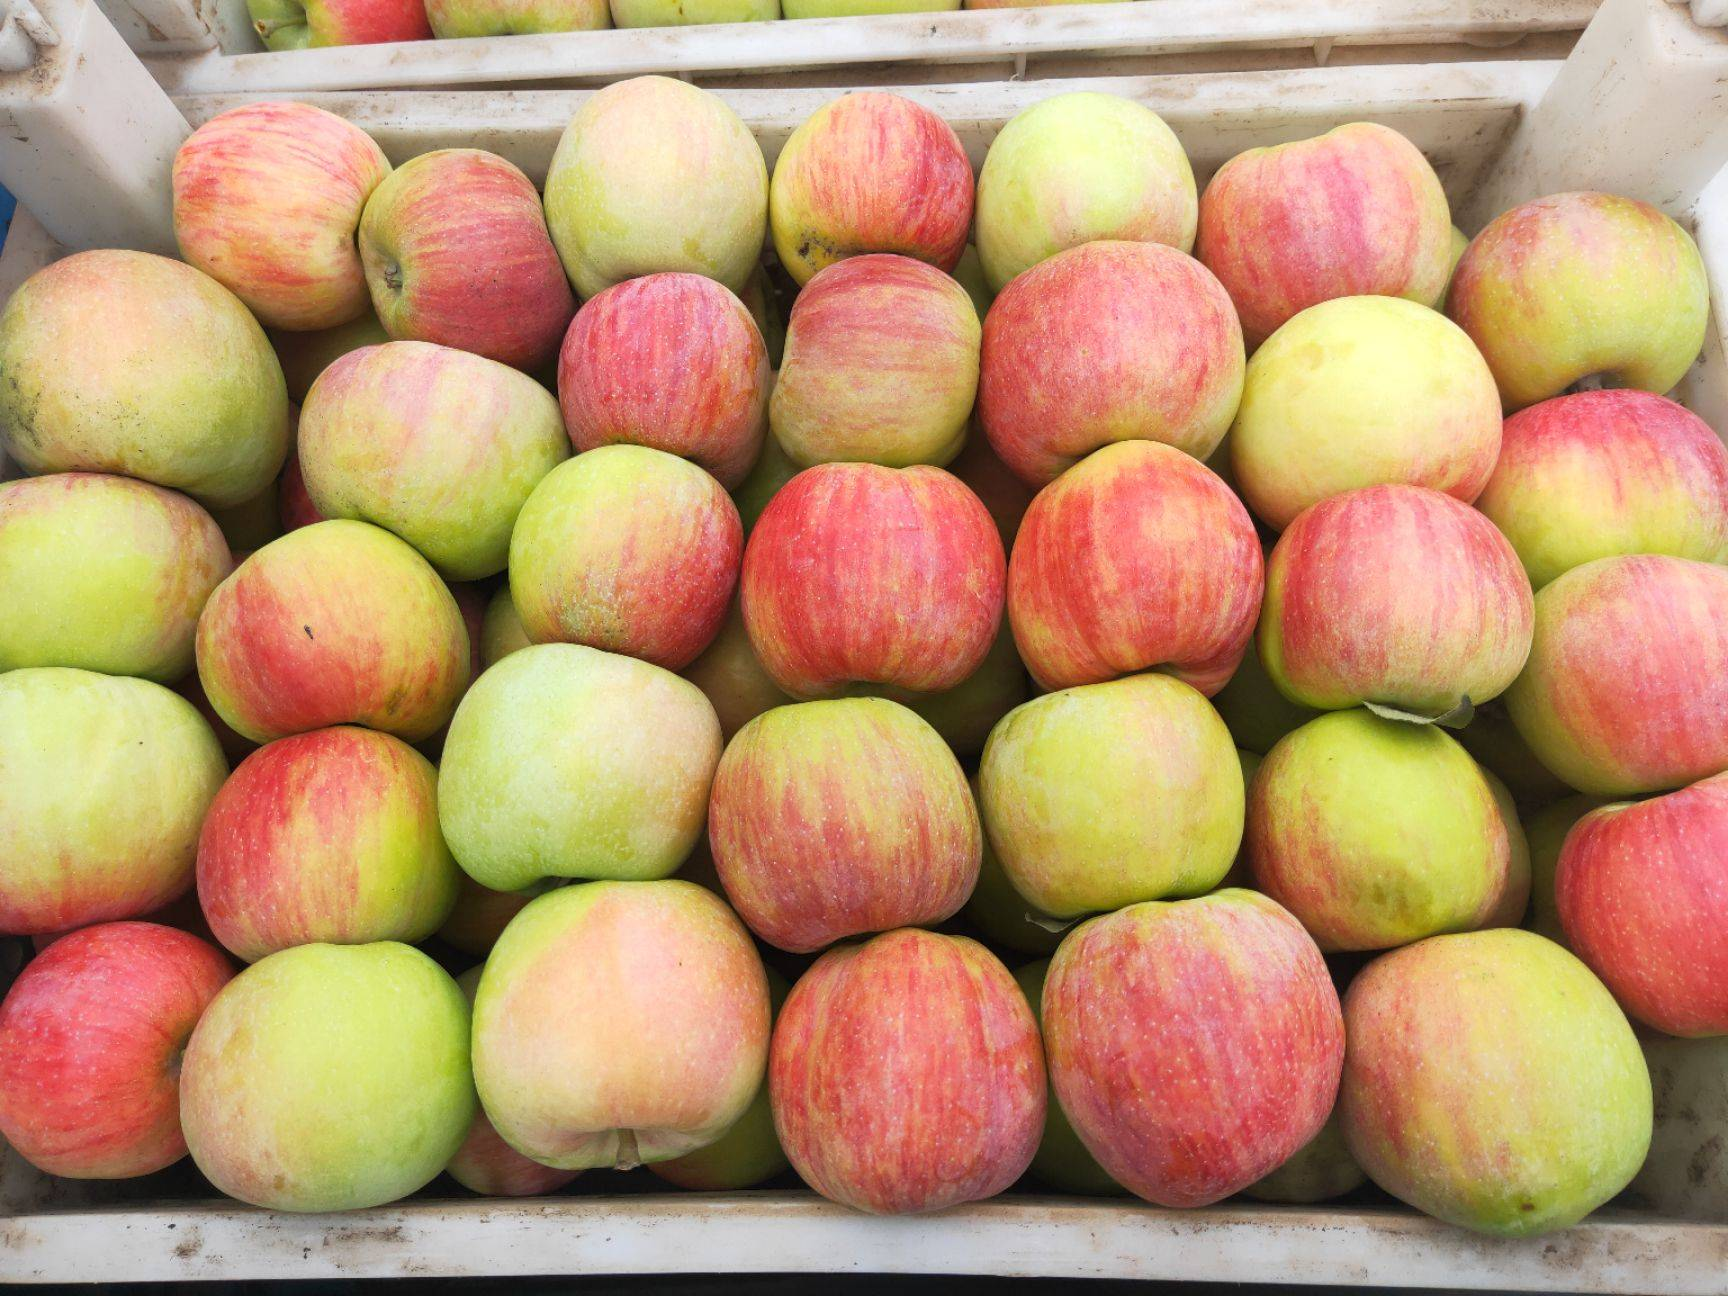 藤木苹果 70mm以上 表光 光果